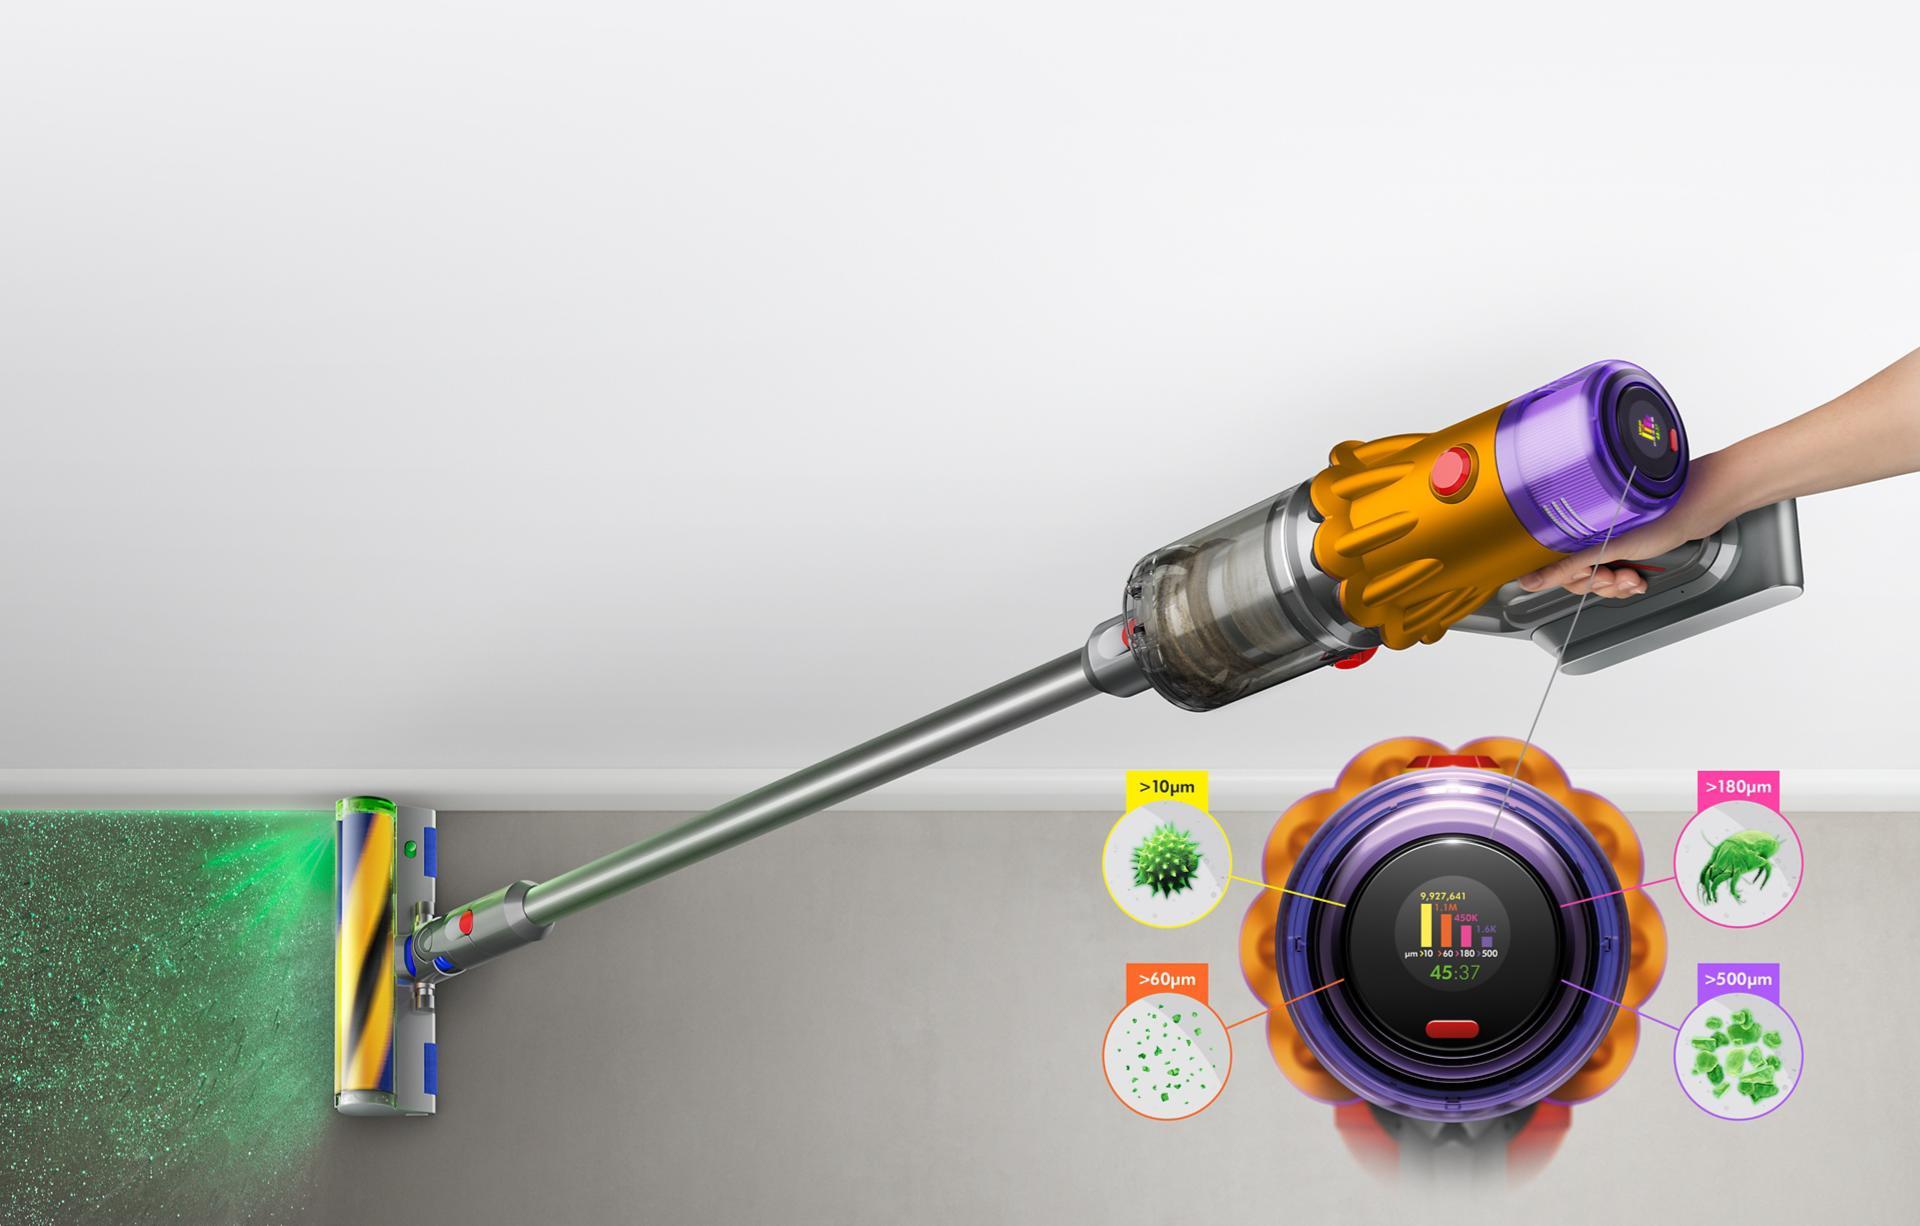 Máy hút bụi Dyson V12 Detect Slim với đầu hút Slim Fluffy Laser, thể hiện kích cỡ của bụi được phát hiện